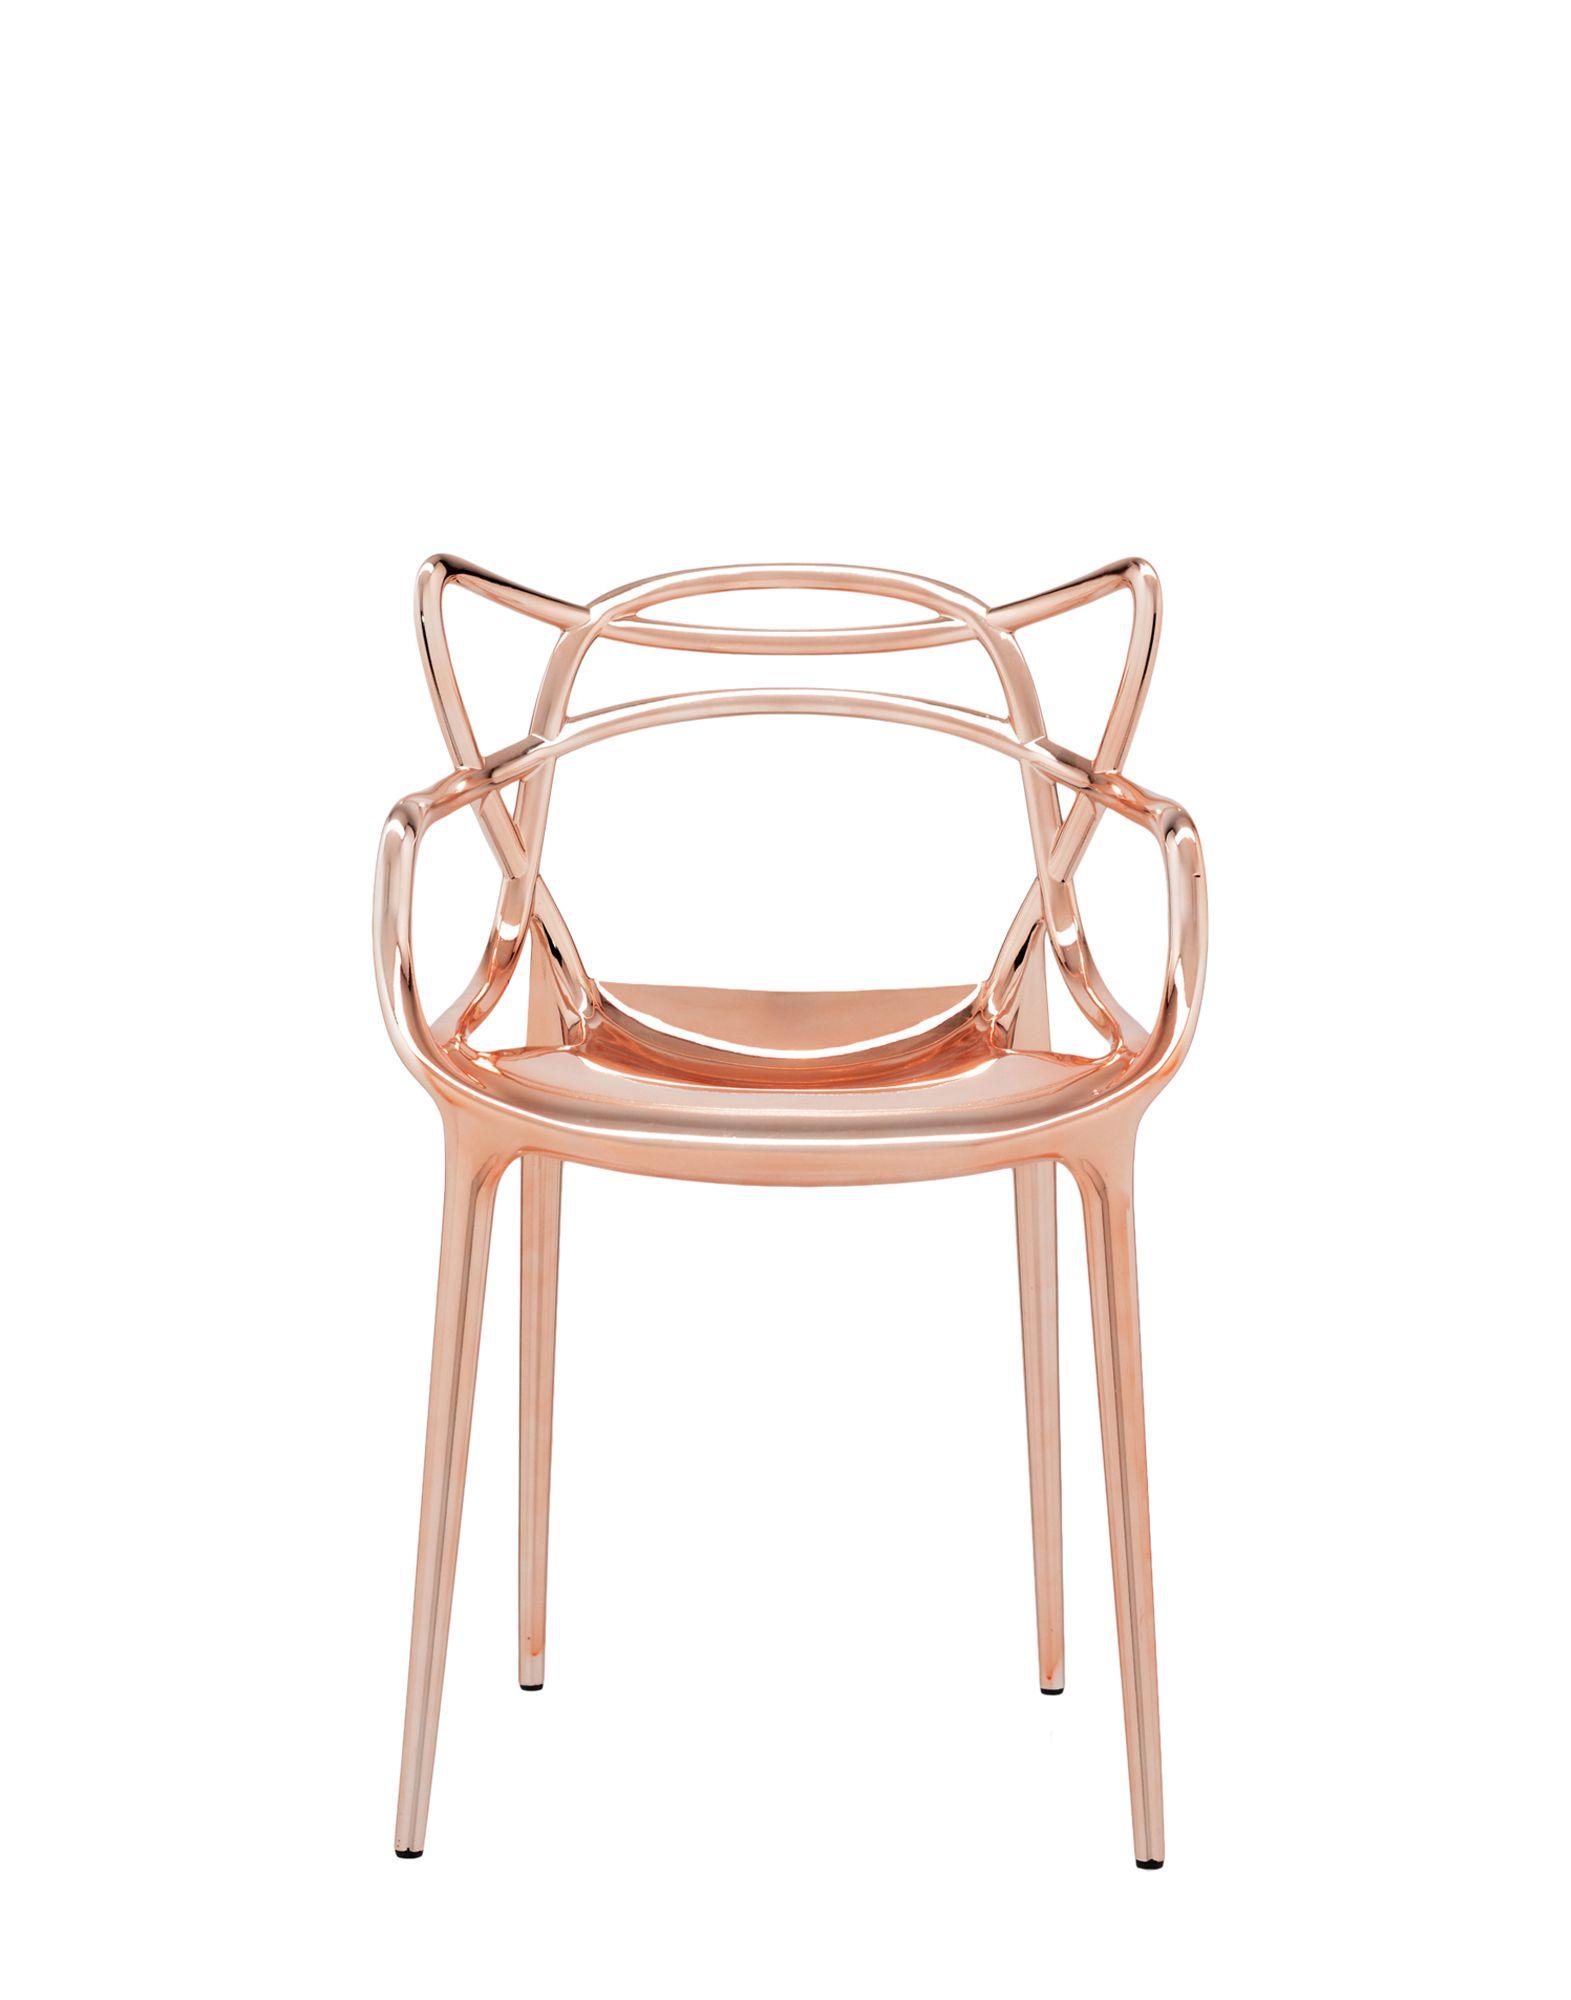 Kartell masters rame sedie sedie design sedie moderne for Sedie design kartell